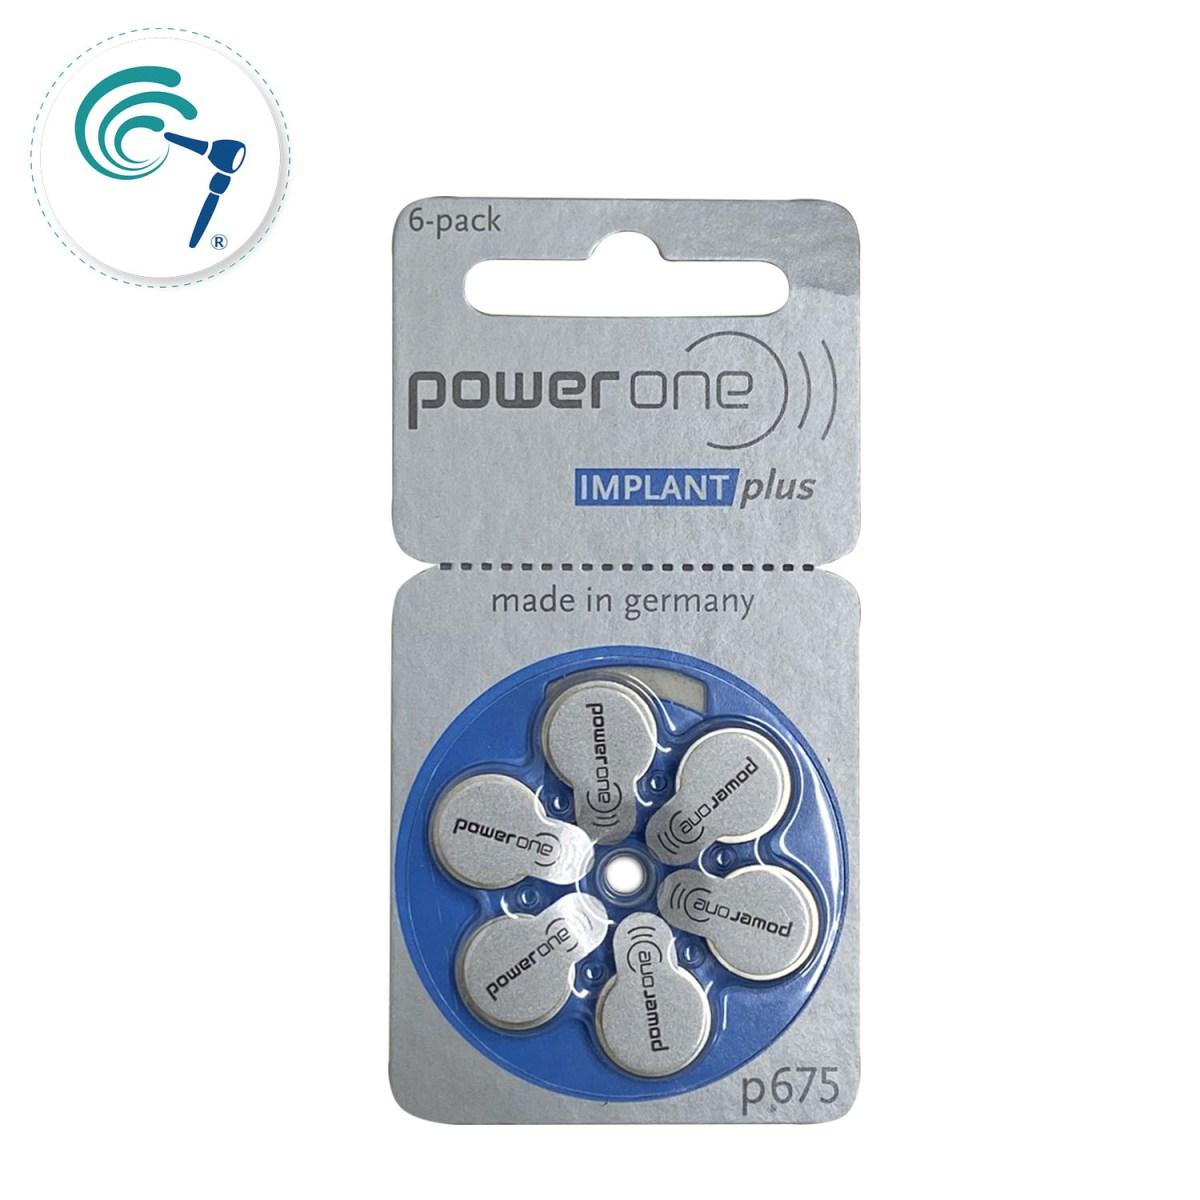 Pilas para implante powerone